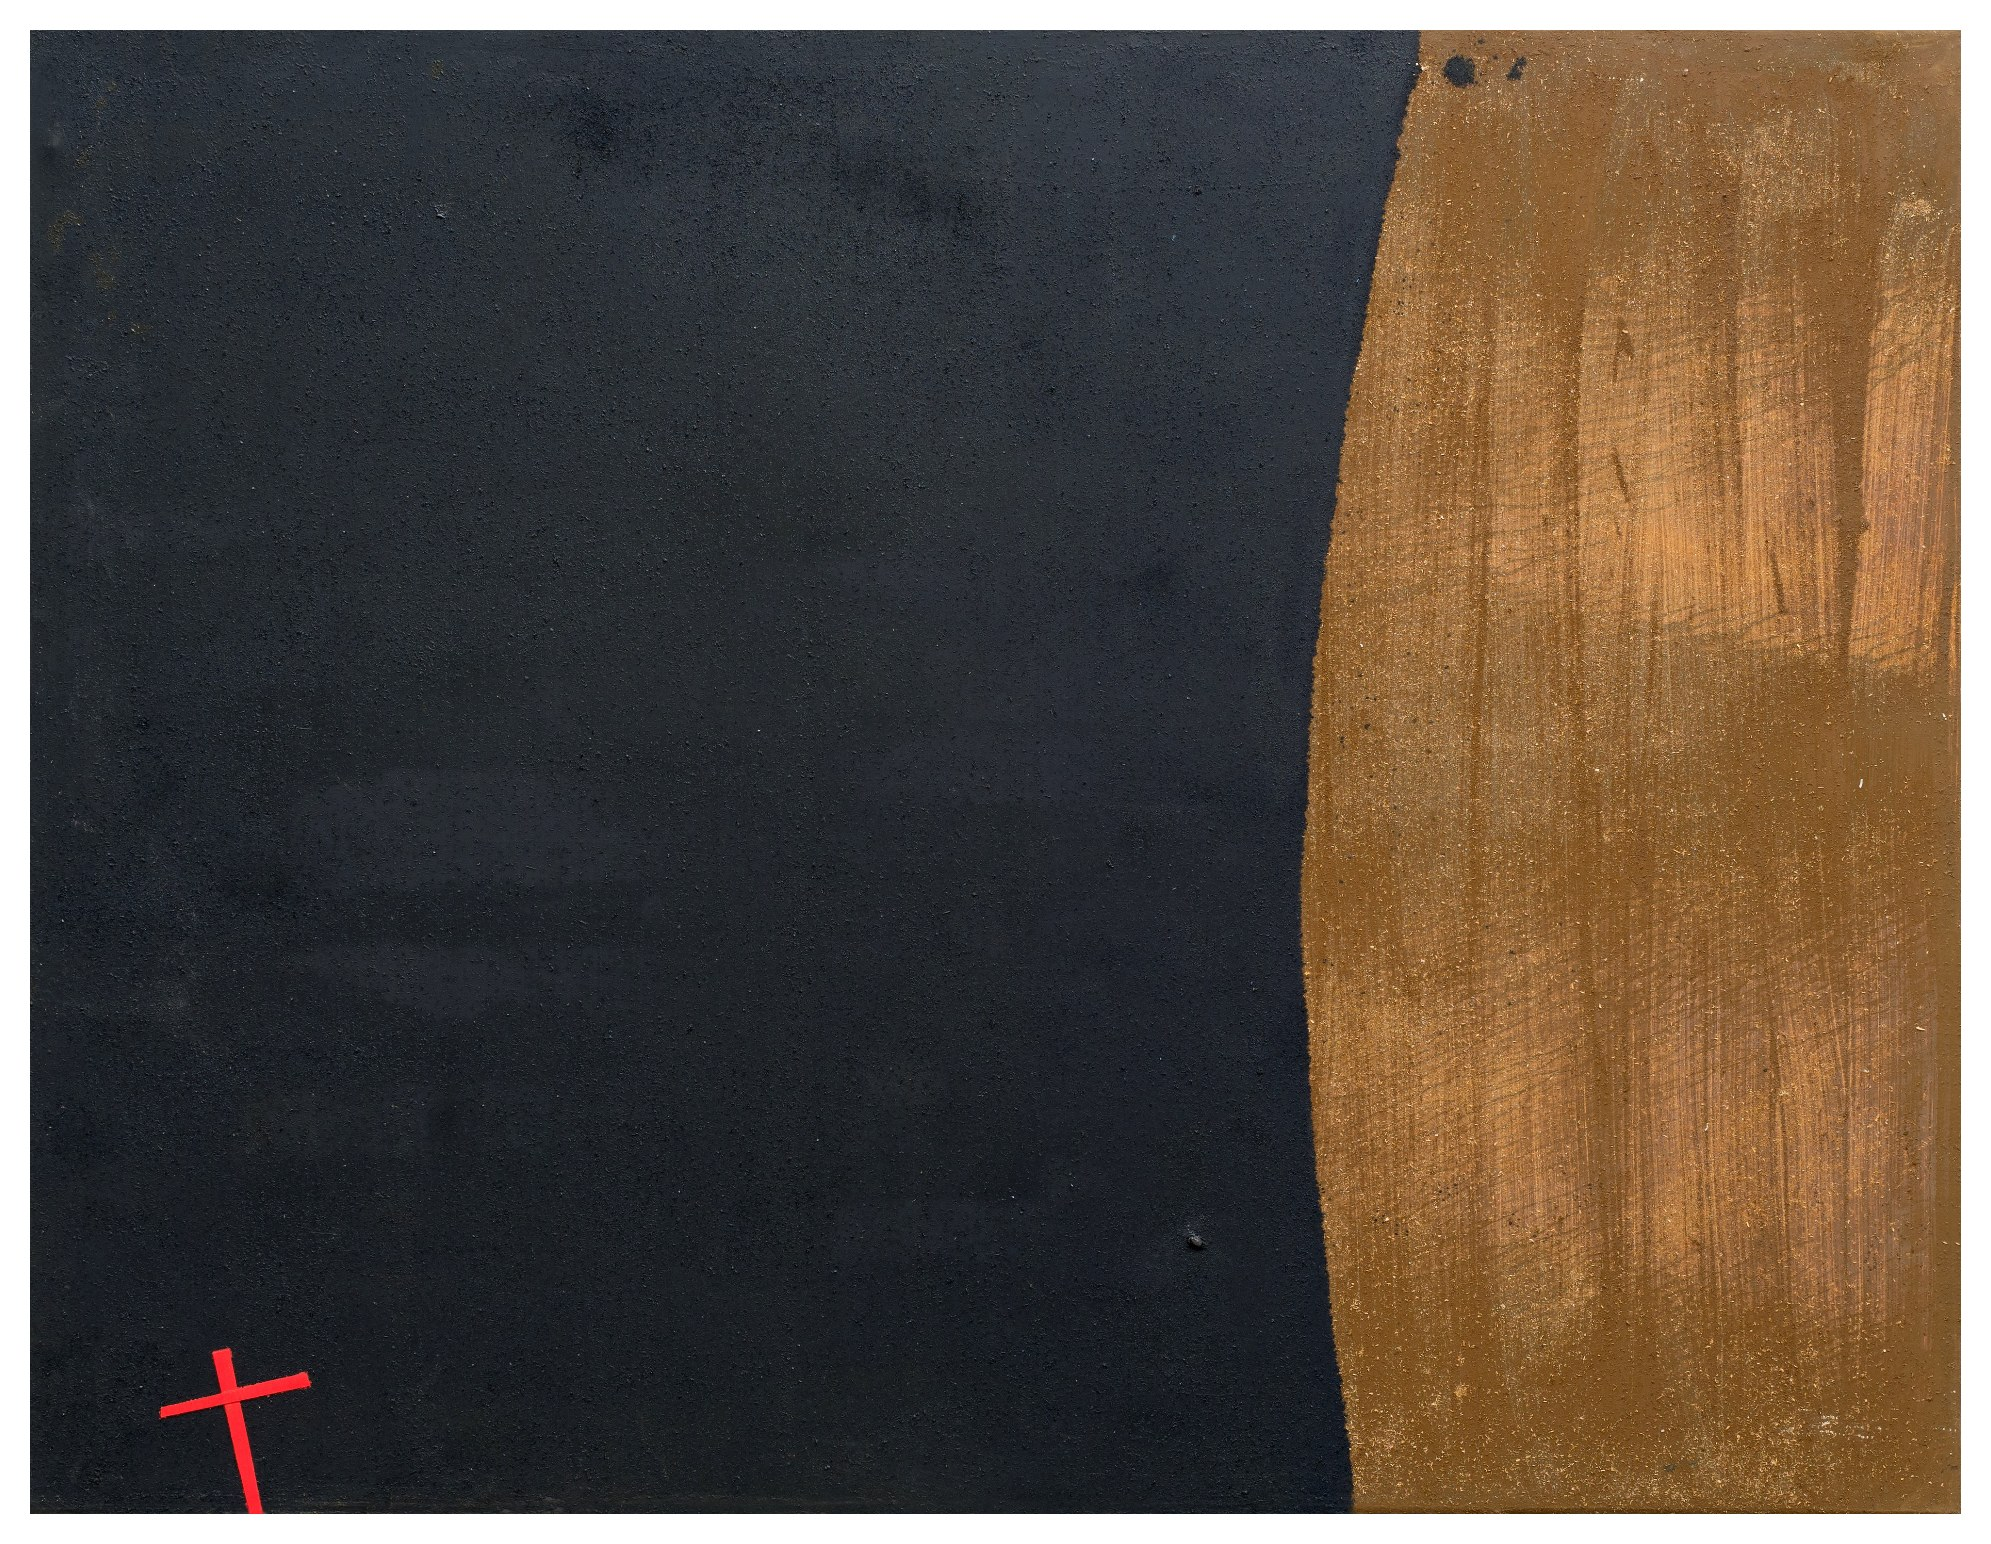 巴黎聖母院 Notre Dame de Paris 14-21 2014 油彩、畫布 100cm x 130cm